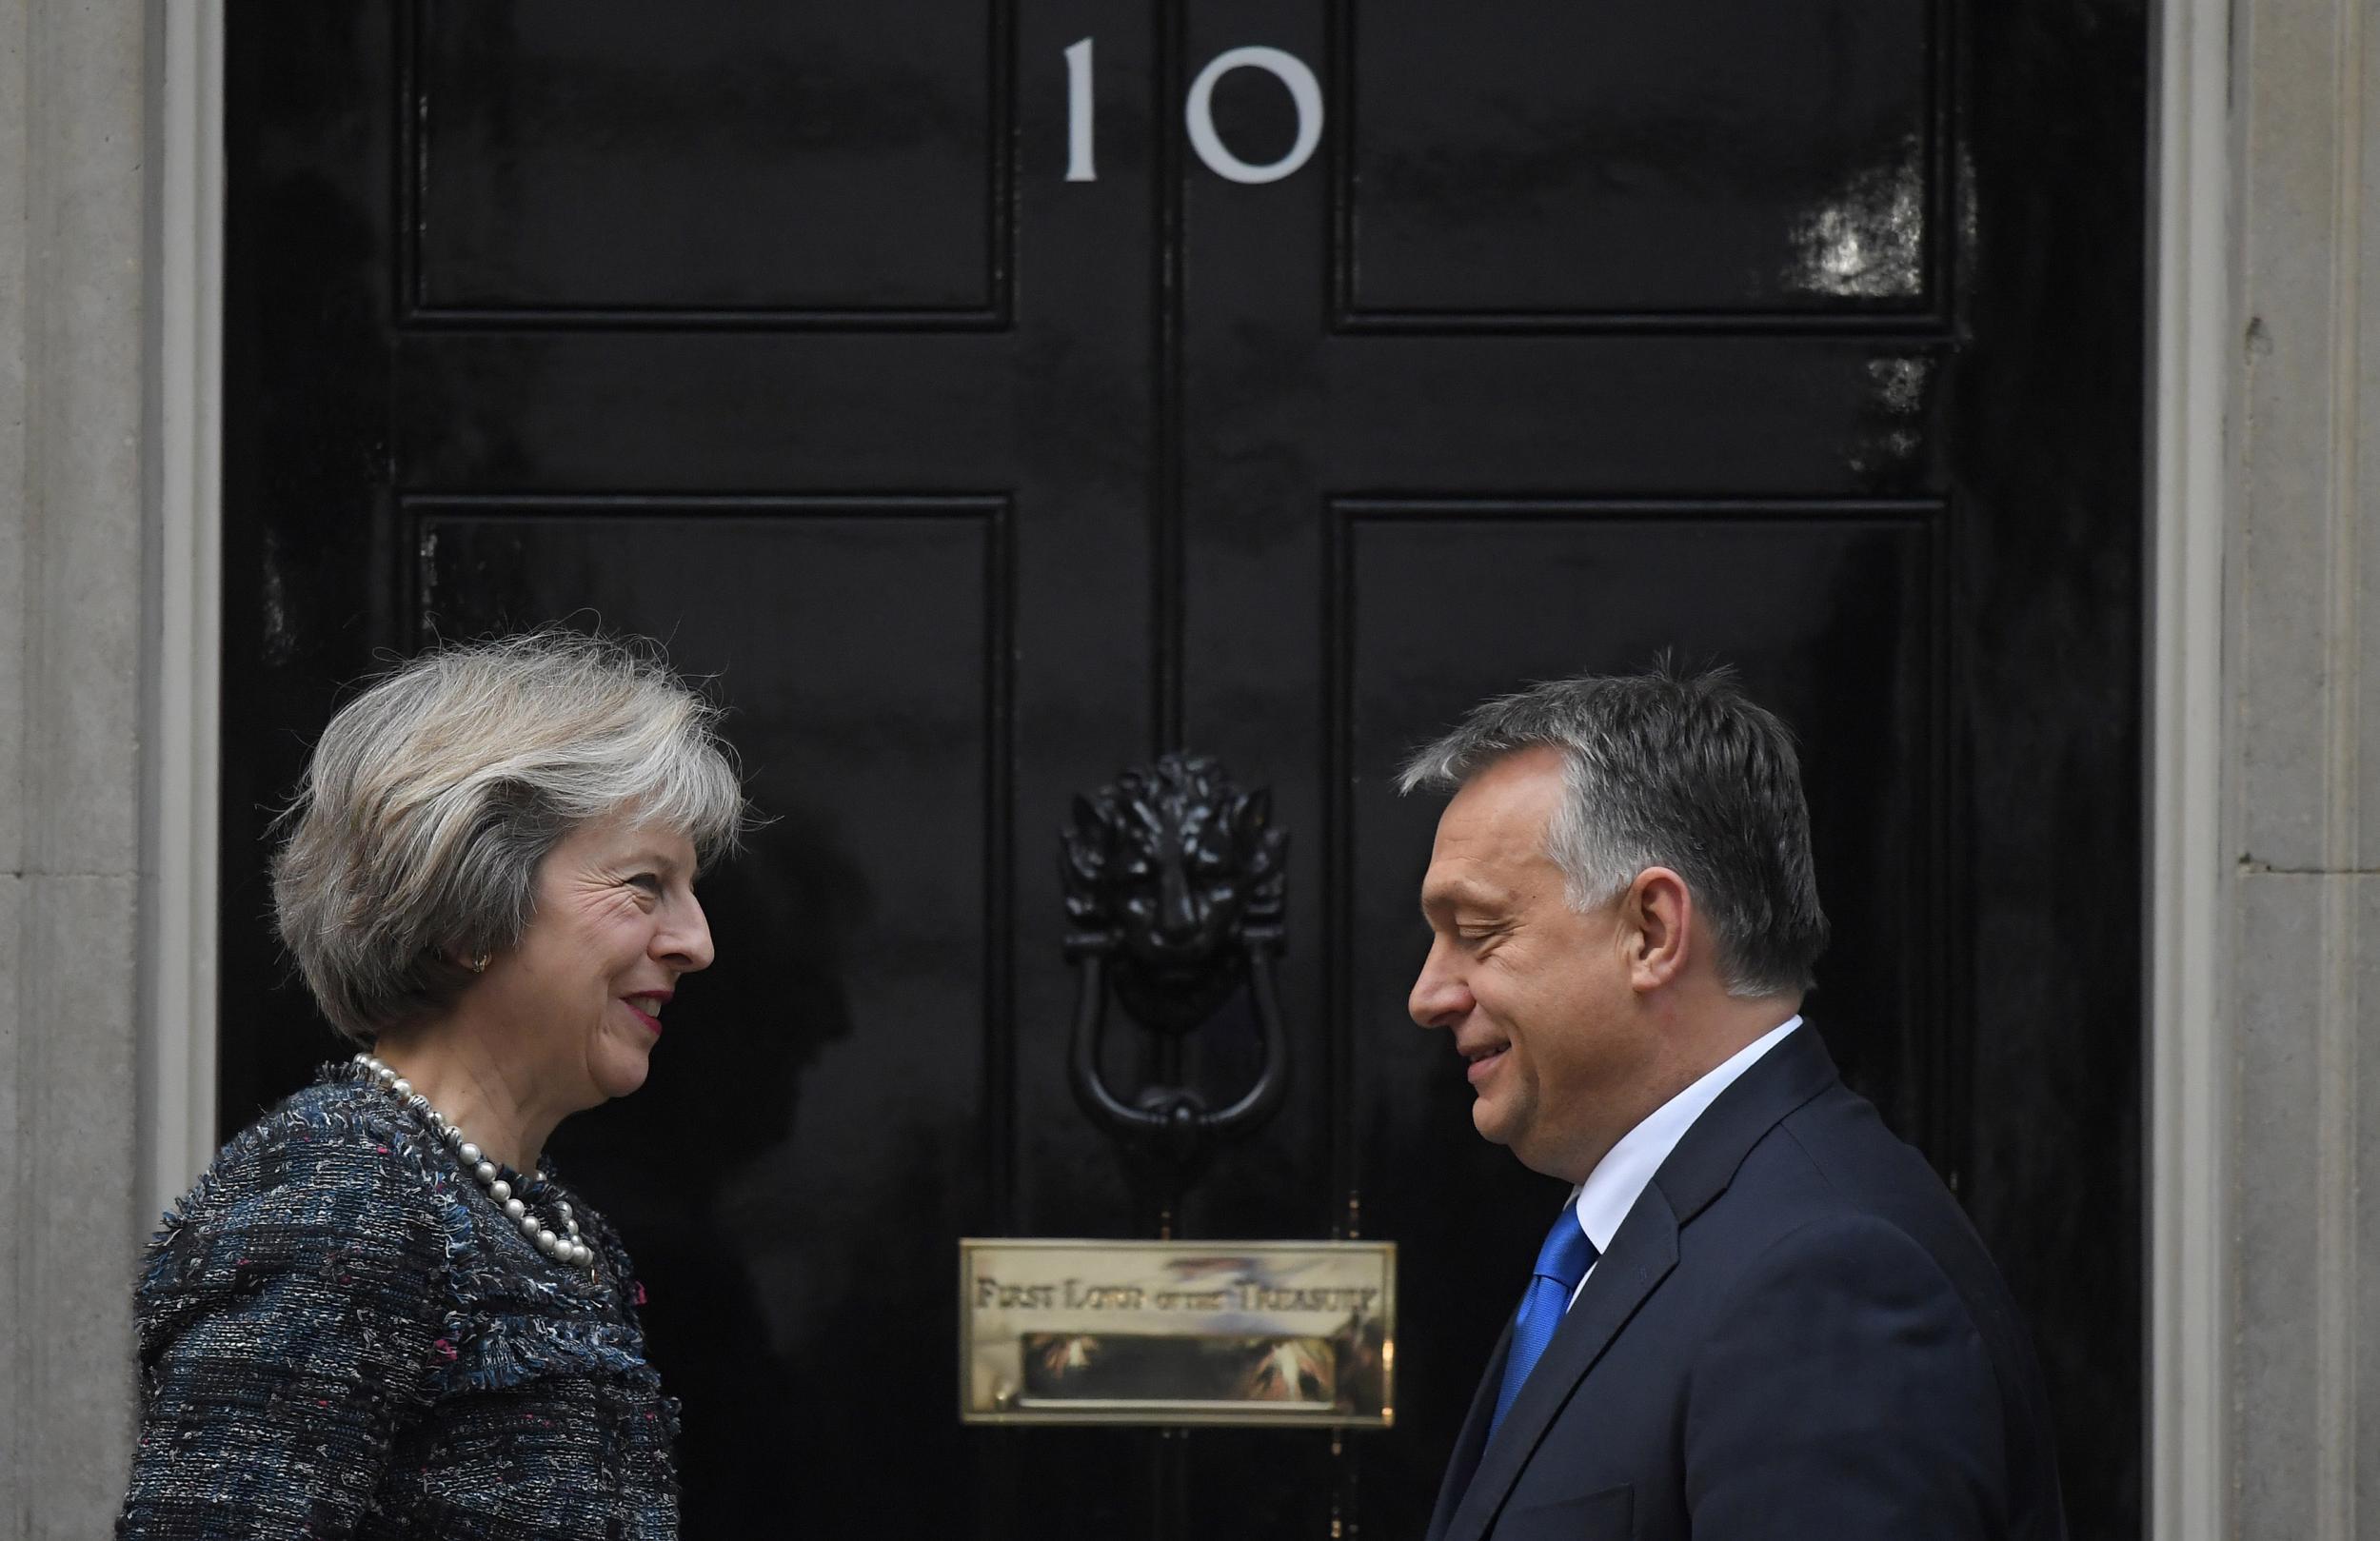 Los eurodiputados conservadores para proteger al gobierno autoritario de Orban de Hungría de las sanciones de la UE en el voto